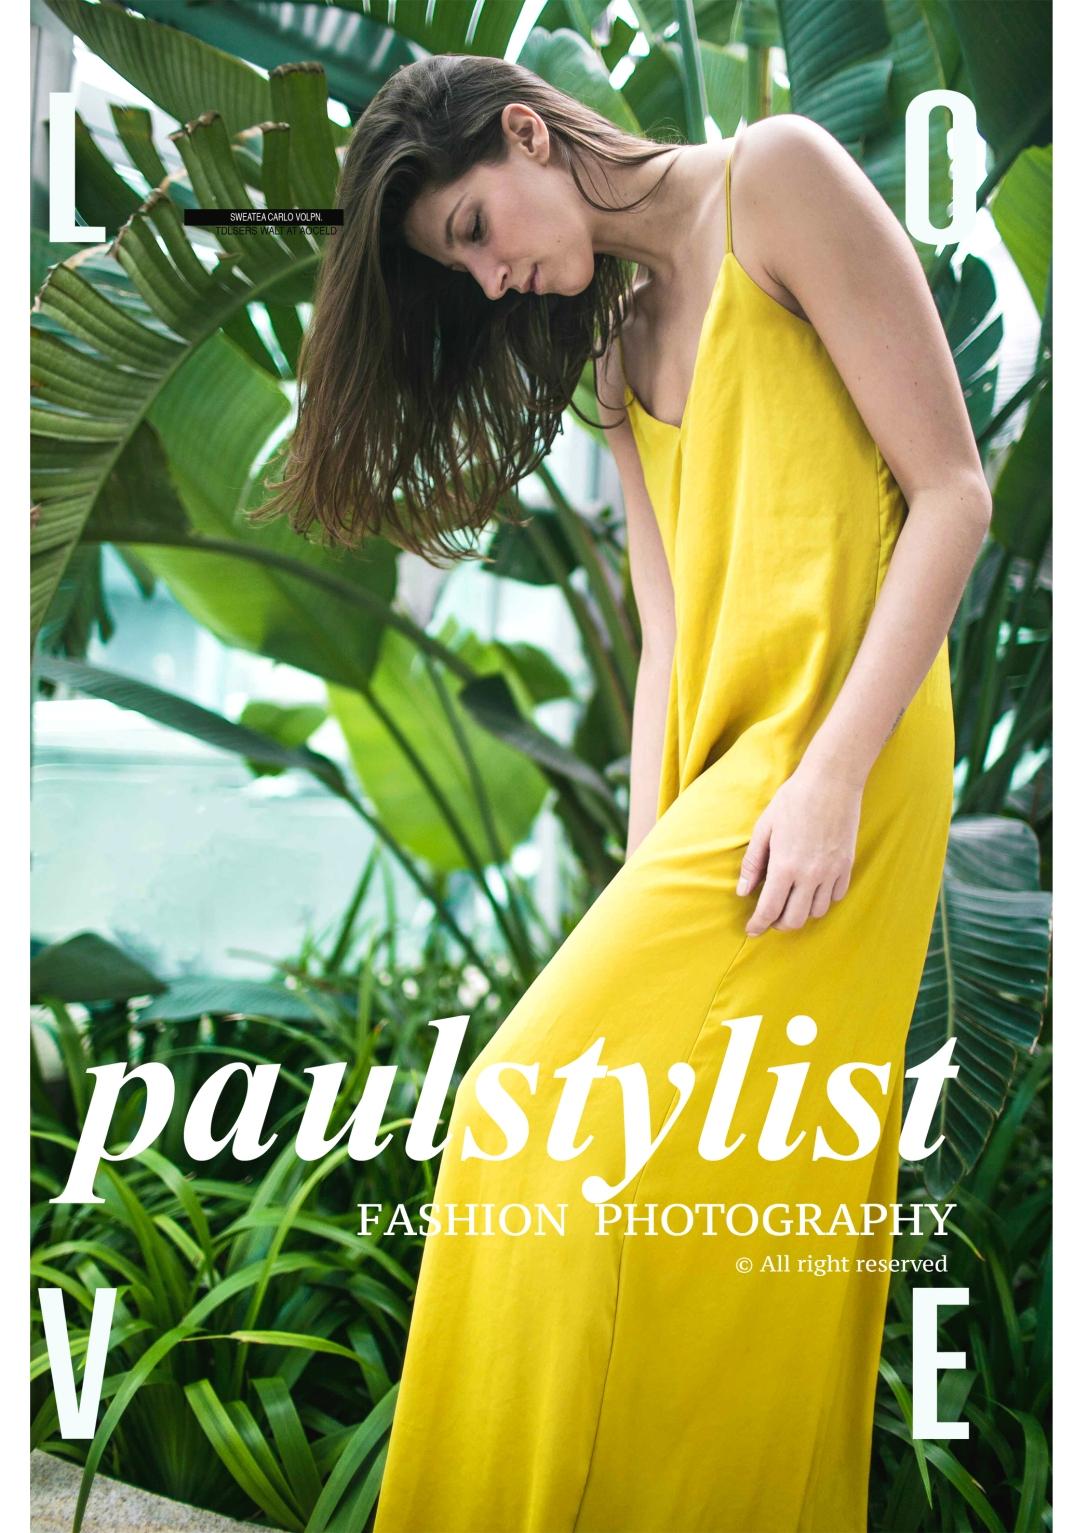 fashion photography HK by paulstylist b